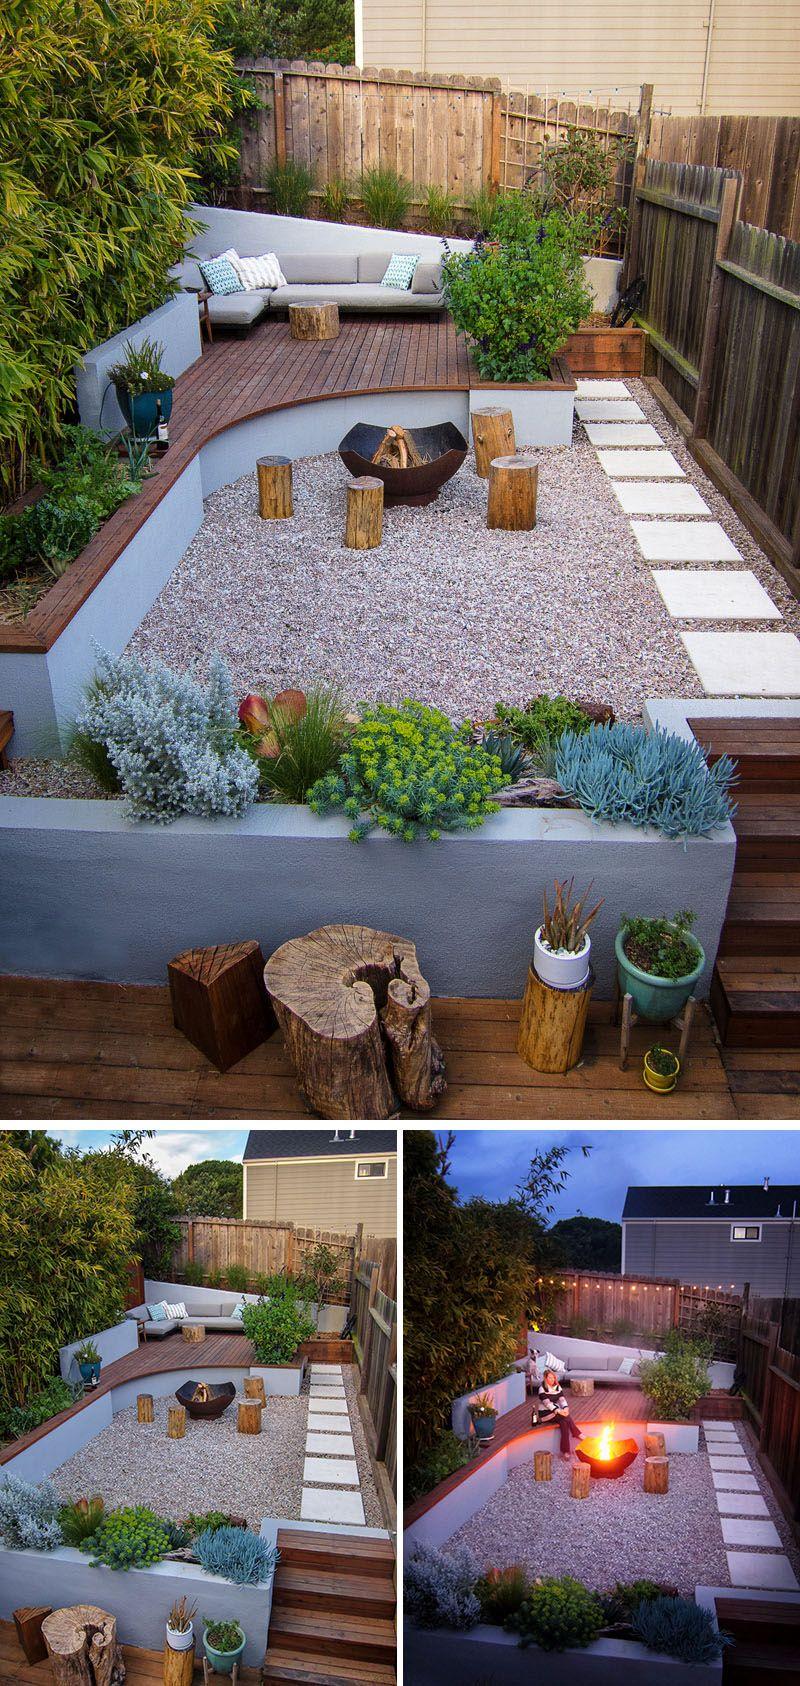 Bezaubernd Sitzplatz Garten Foto Von Kleiner Mit In Modernem Design